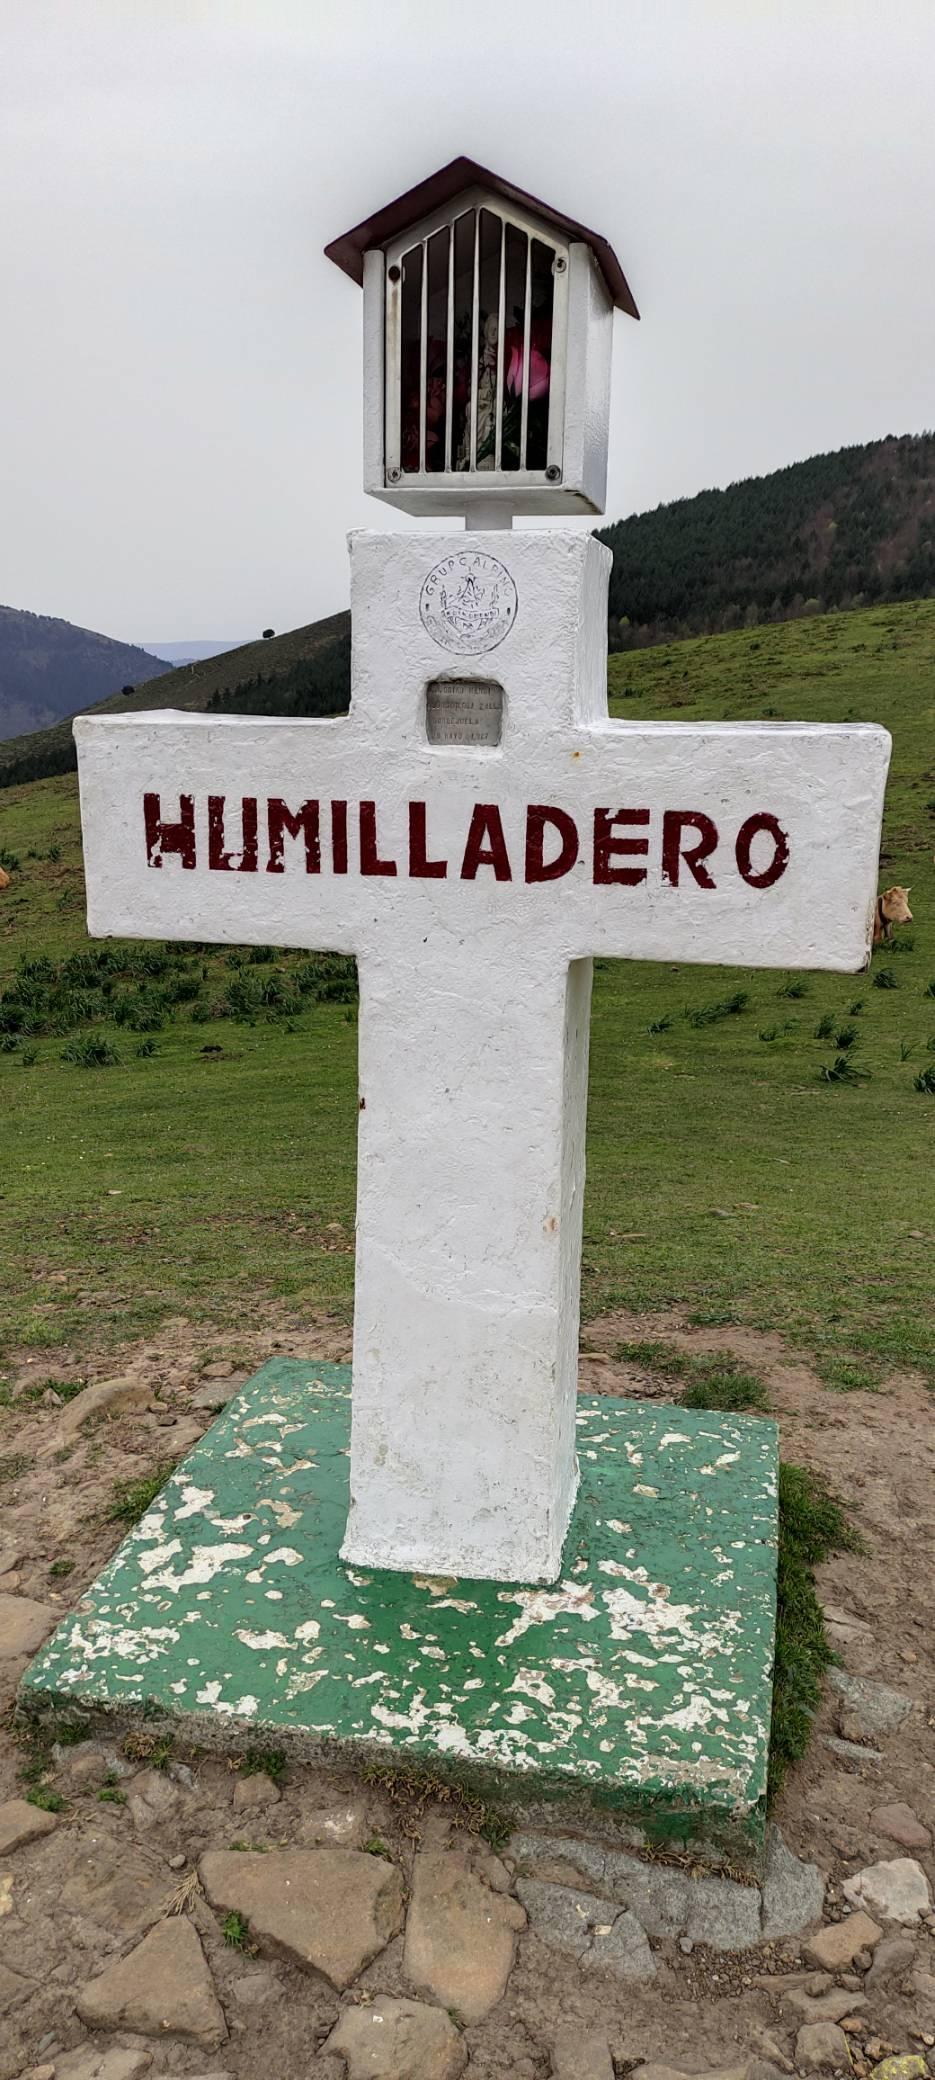 Benito Kamela erabiltzailea El Humilladero puntan, 2021-04-01 15:24